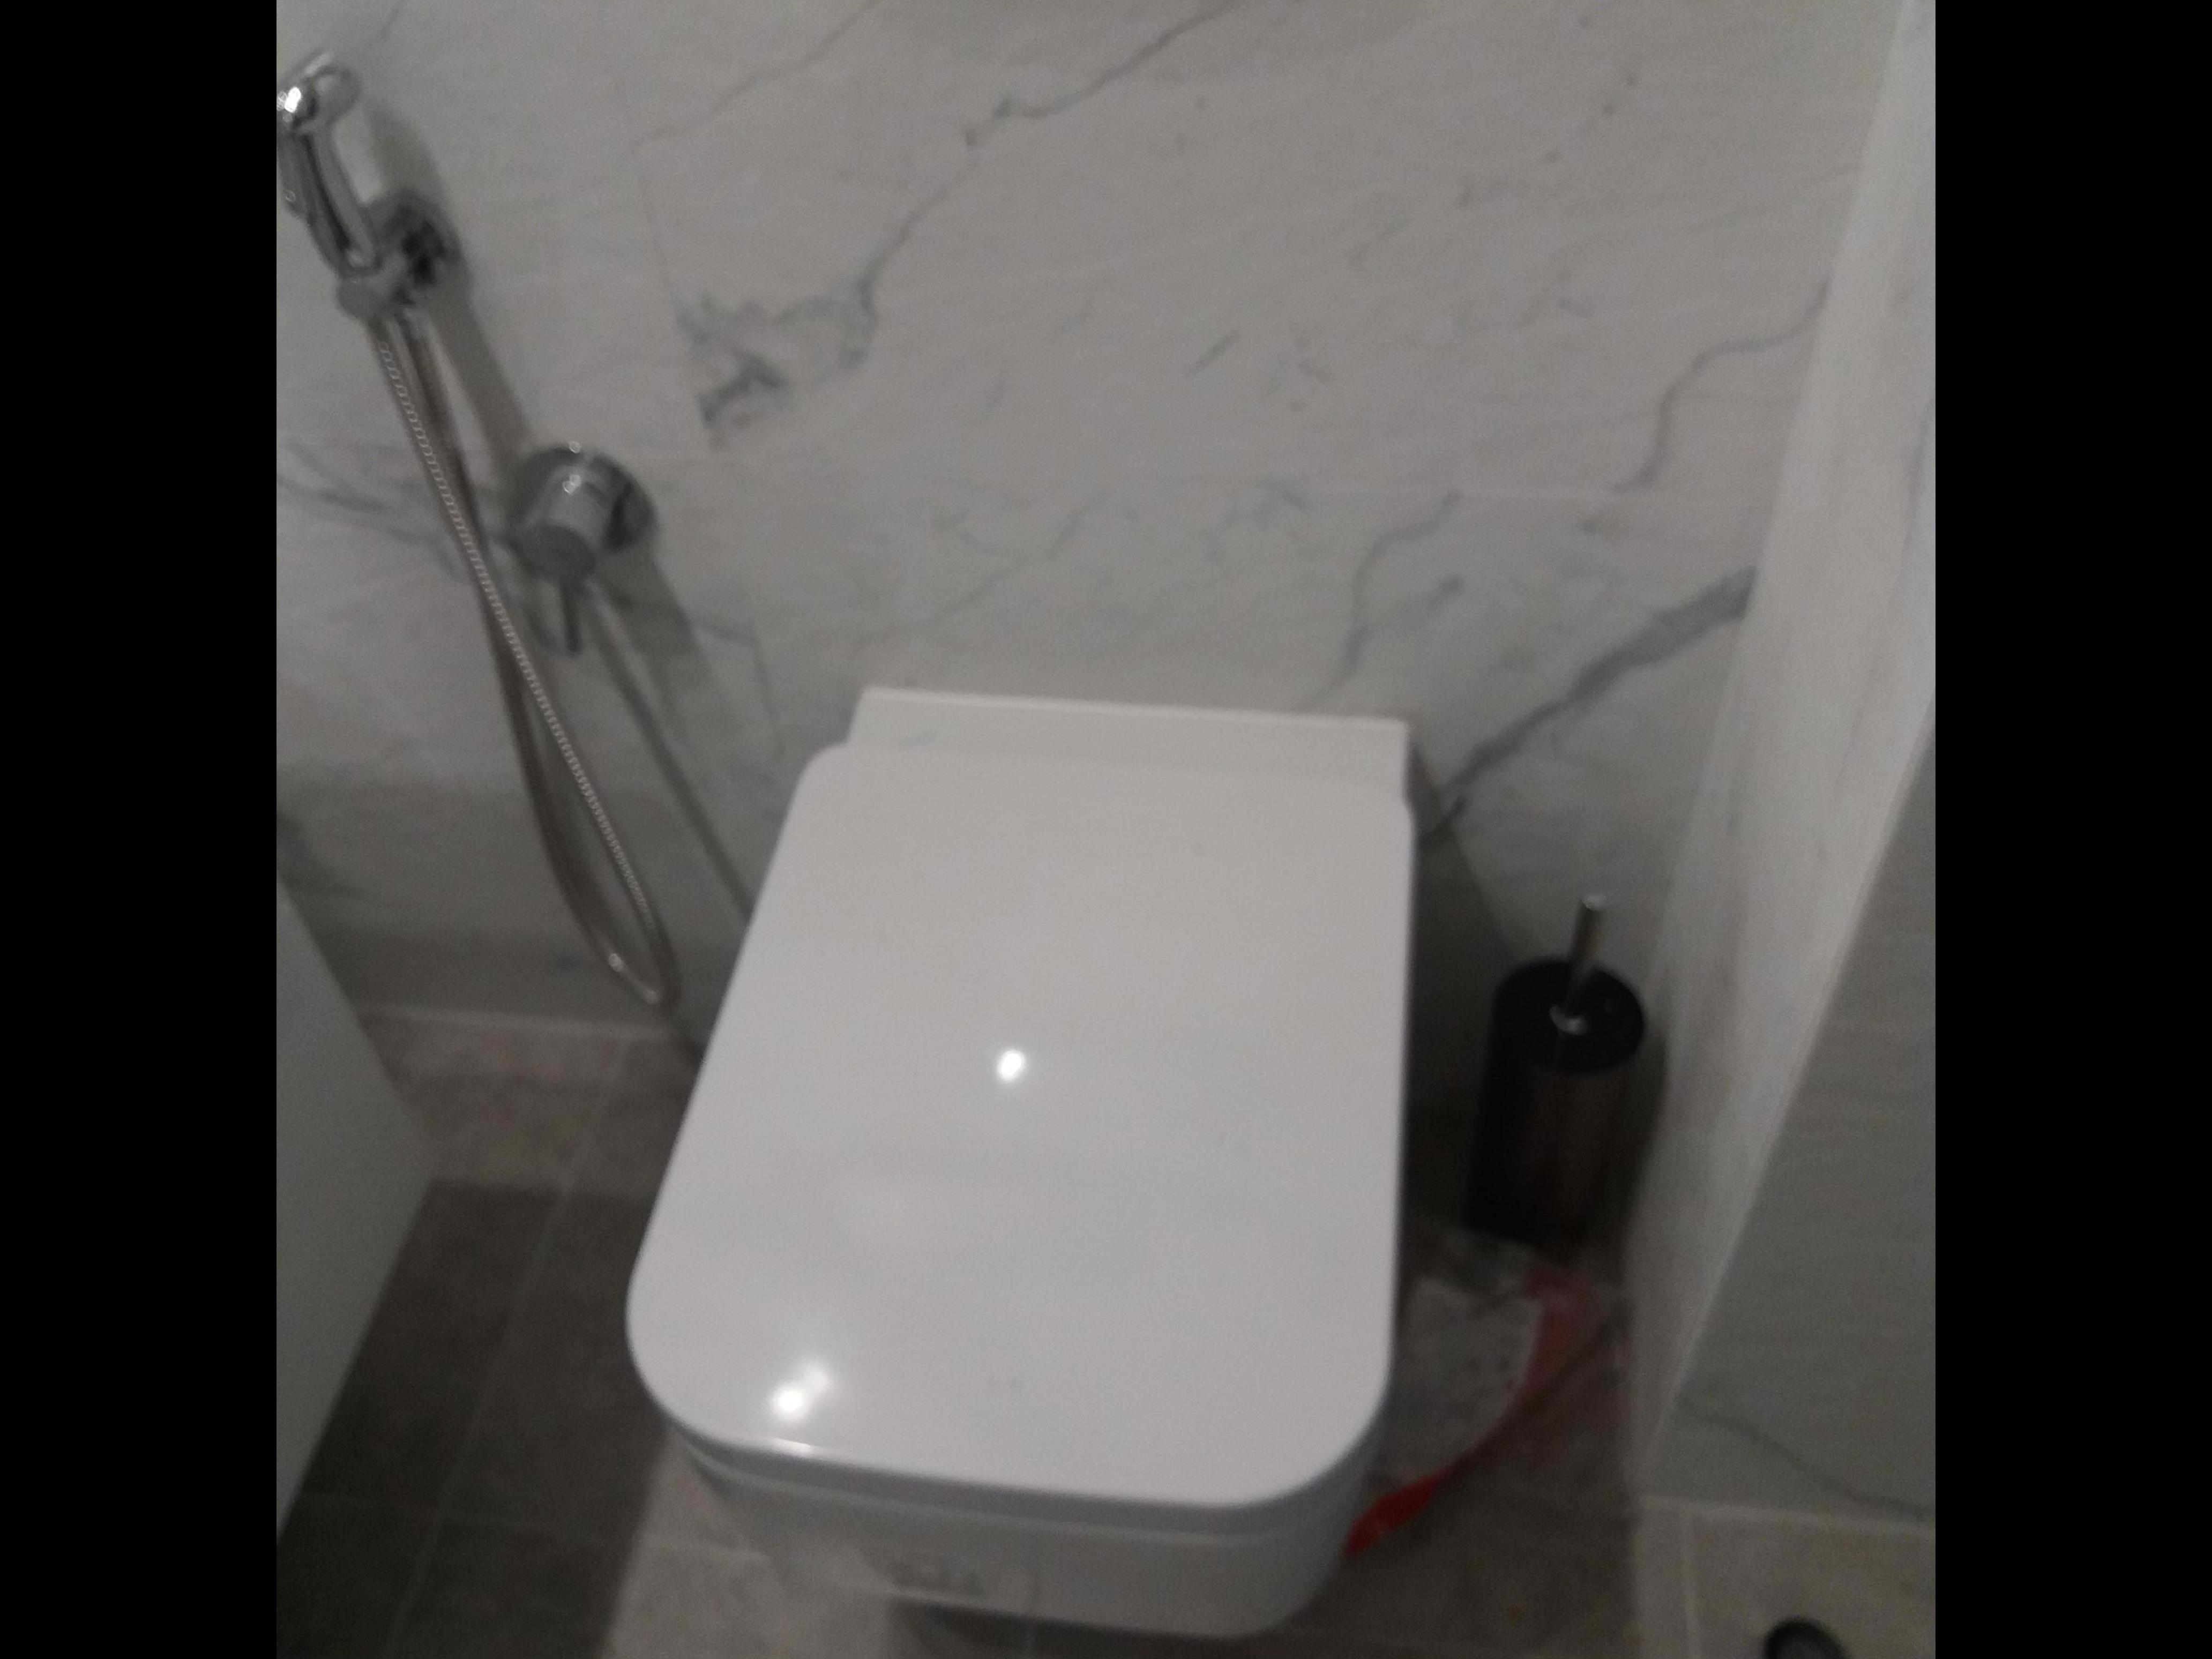 Фото Установка , подключение санитарных приборов. Биде, унитаз, смесители, ванны, душкабины.